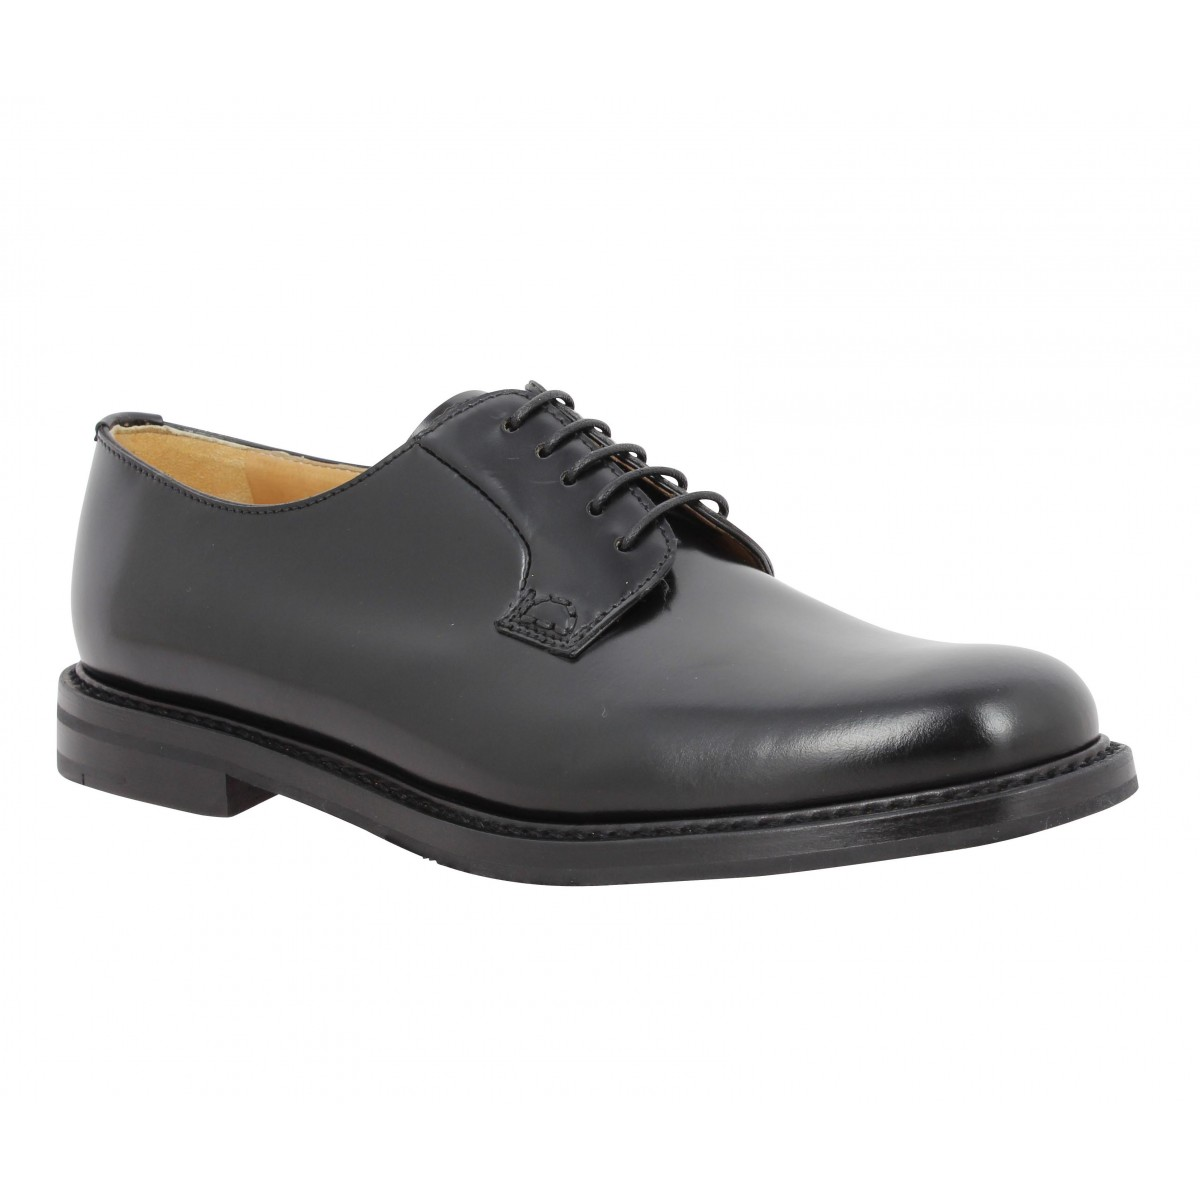 Chaussures à lacets CHURCH'S Shannon cuir Femme Noir